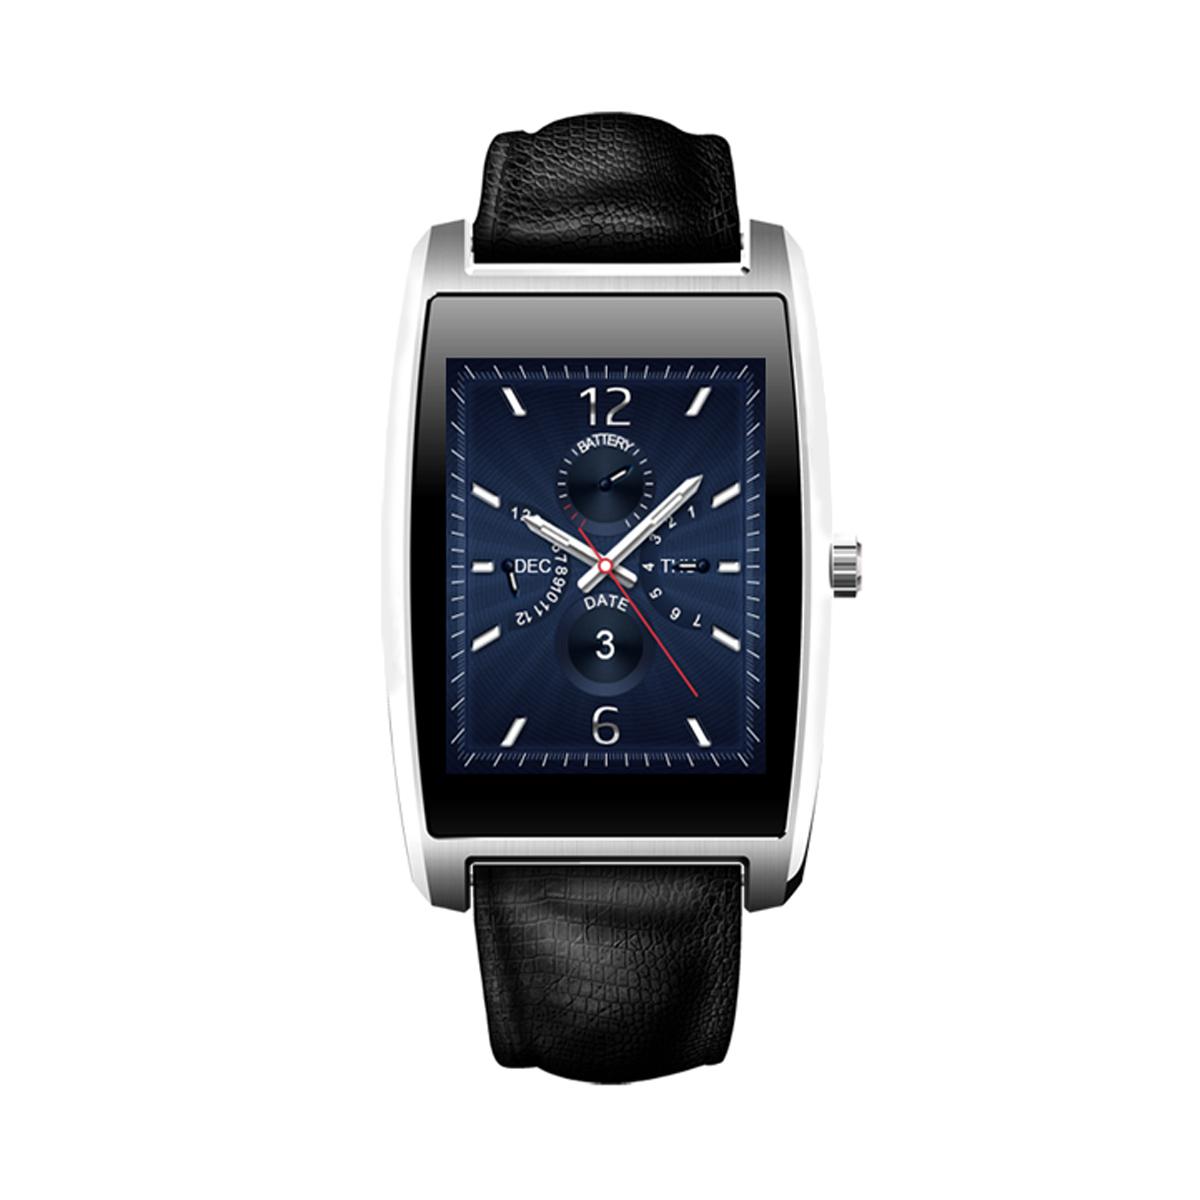 Характеристики Zeblaze Cosmo купить умные часы